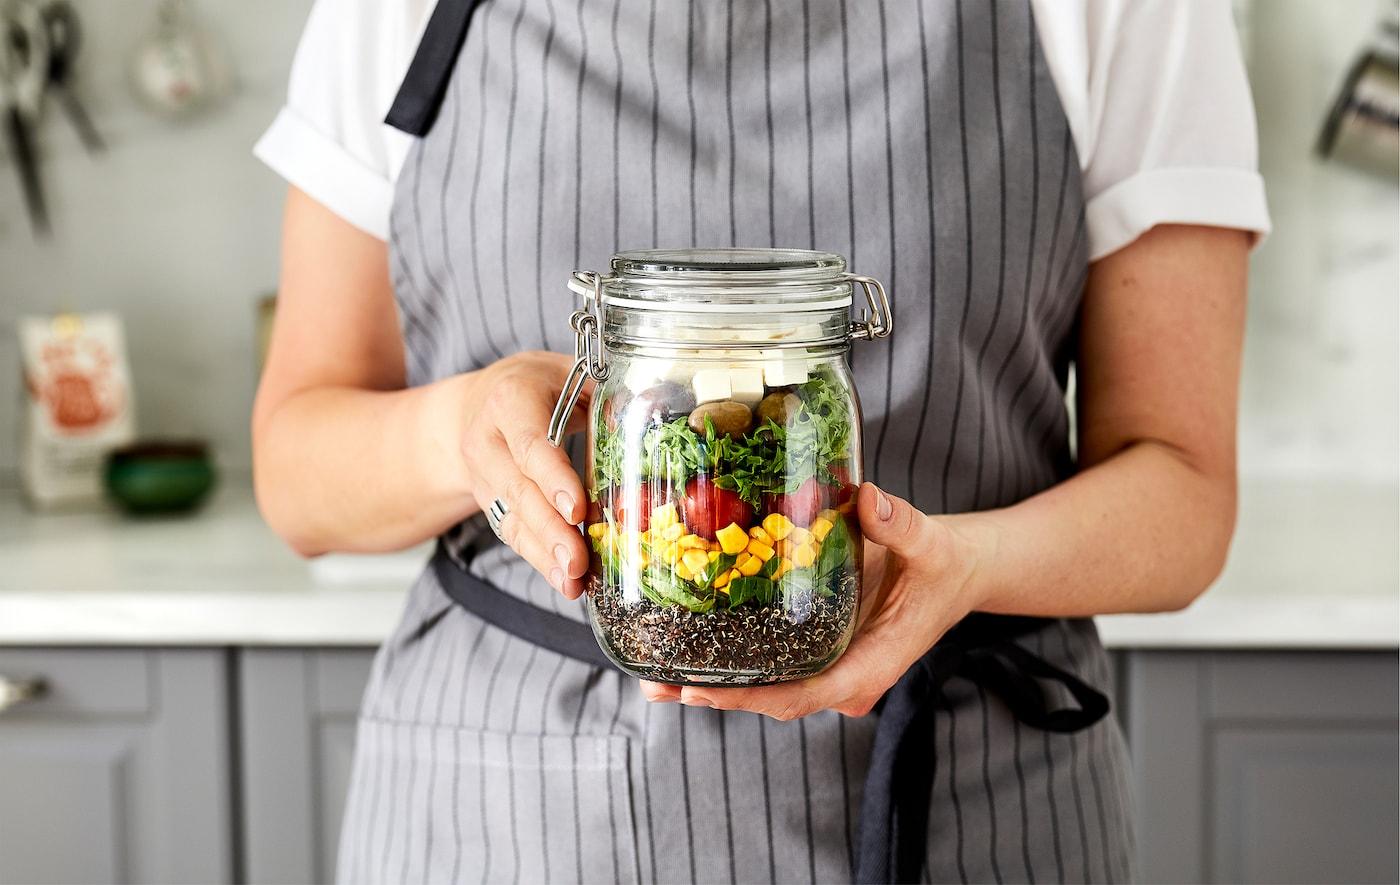 Donna con grembiule in cucina regge un barattolo contenente un'insalata a strati colorati - IKEA